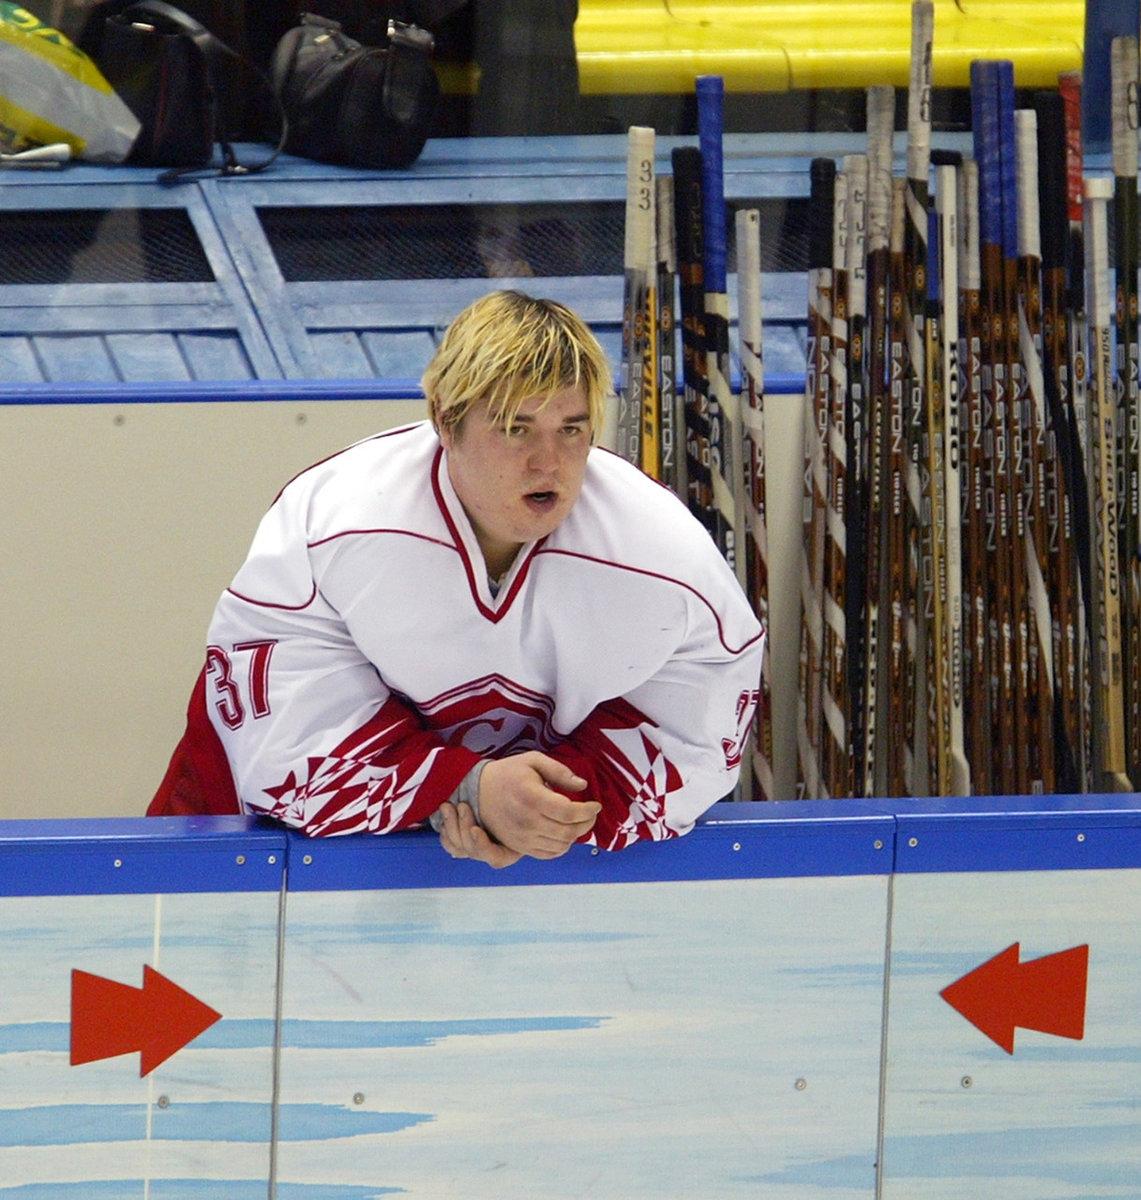 Удивительная история золотого мальчика российского хоккея. Сыграл за «Спартак» в15, феерил наМЧМ, апотом пропал